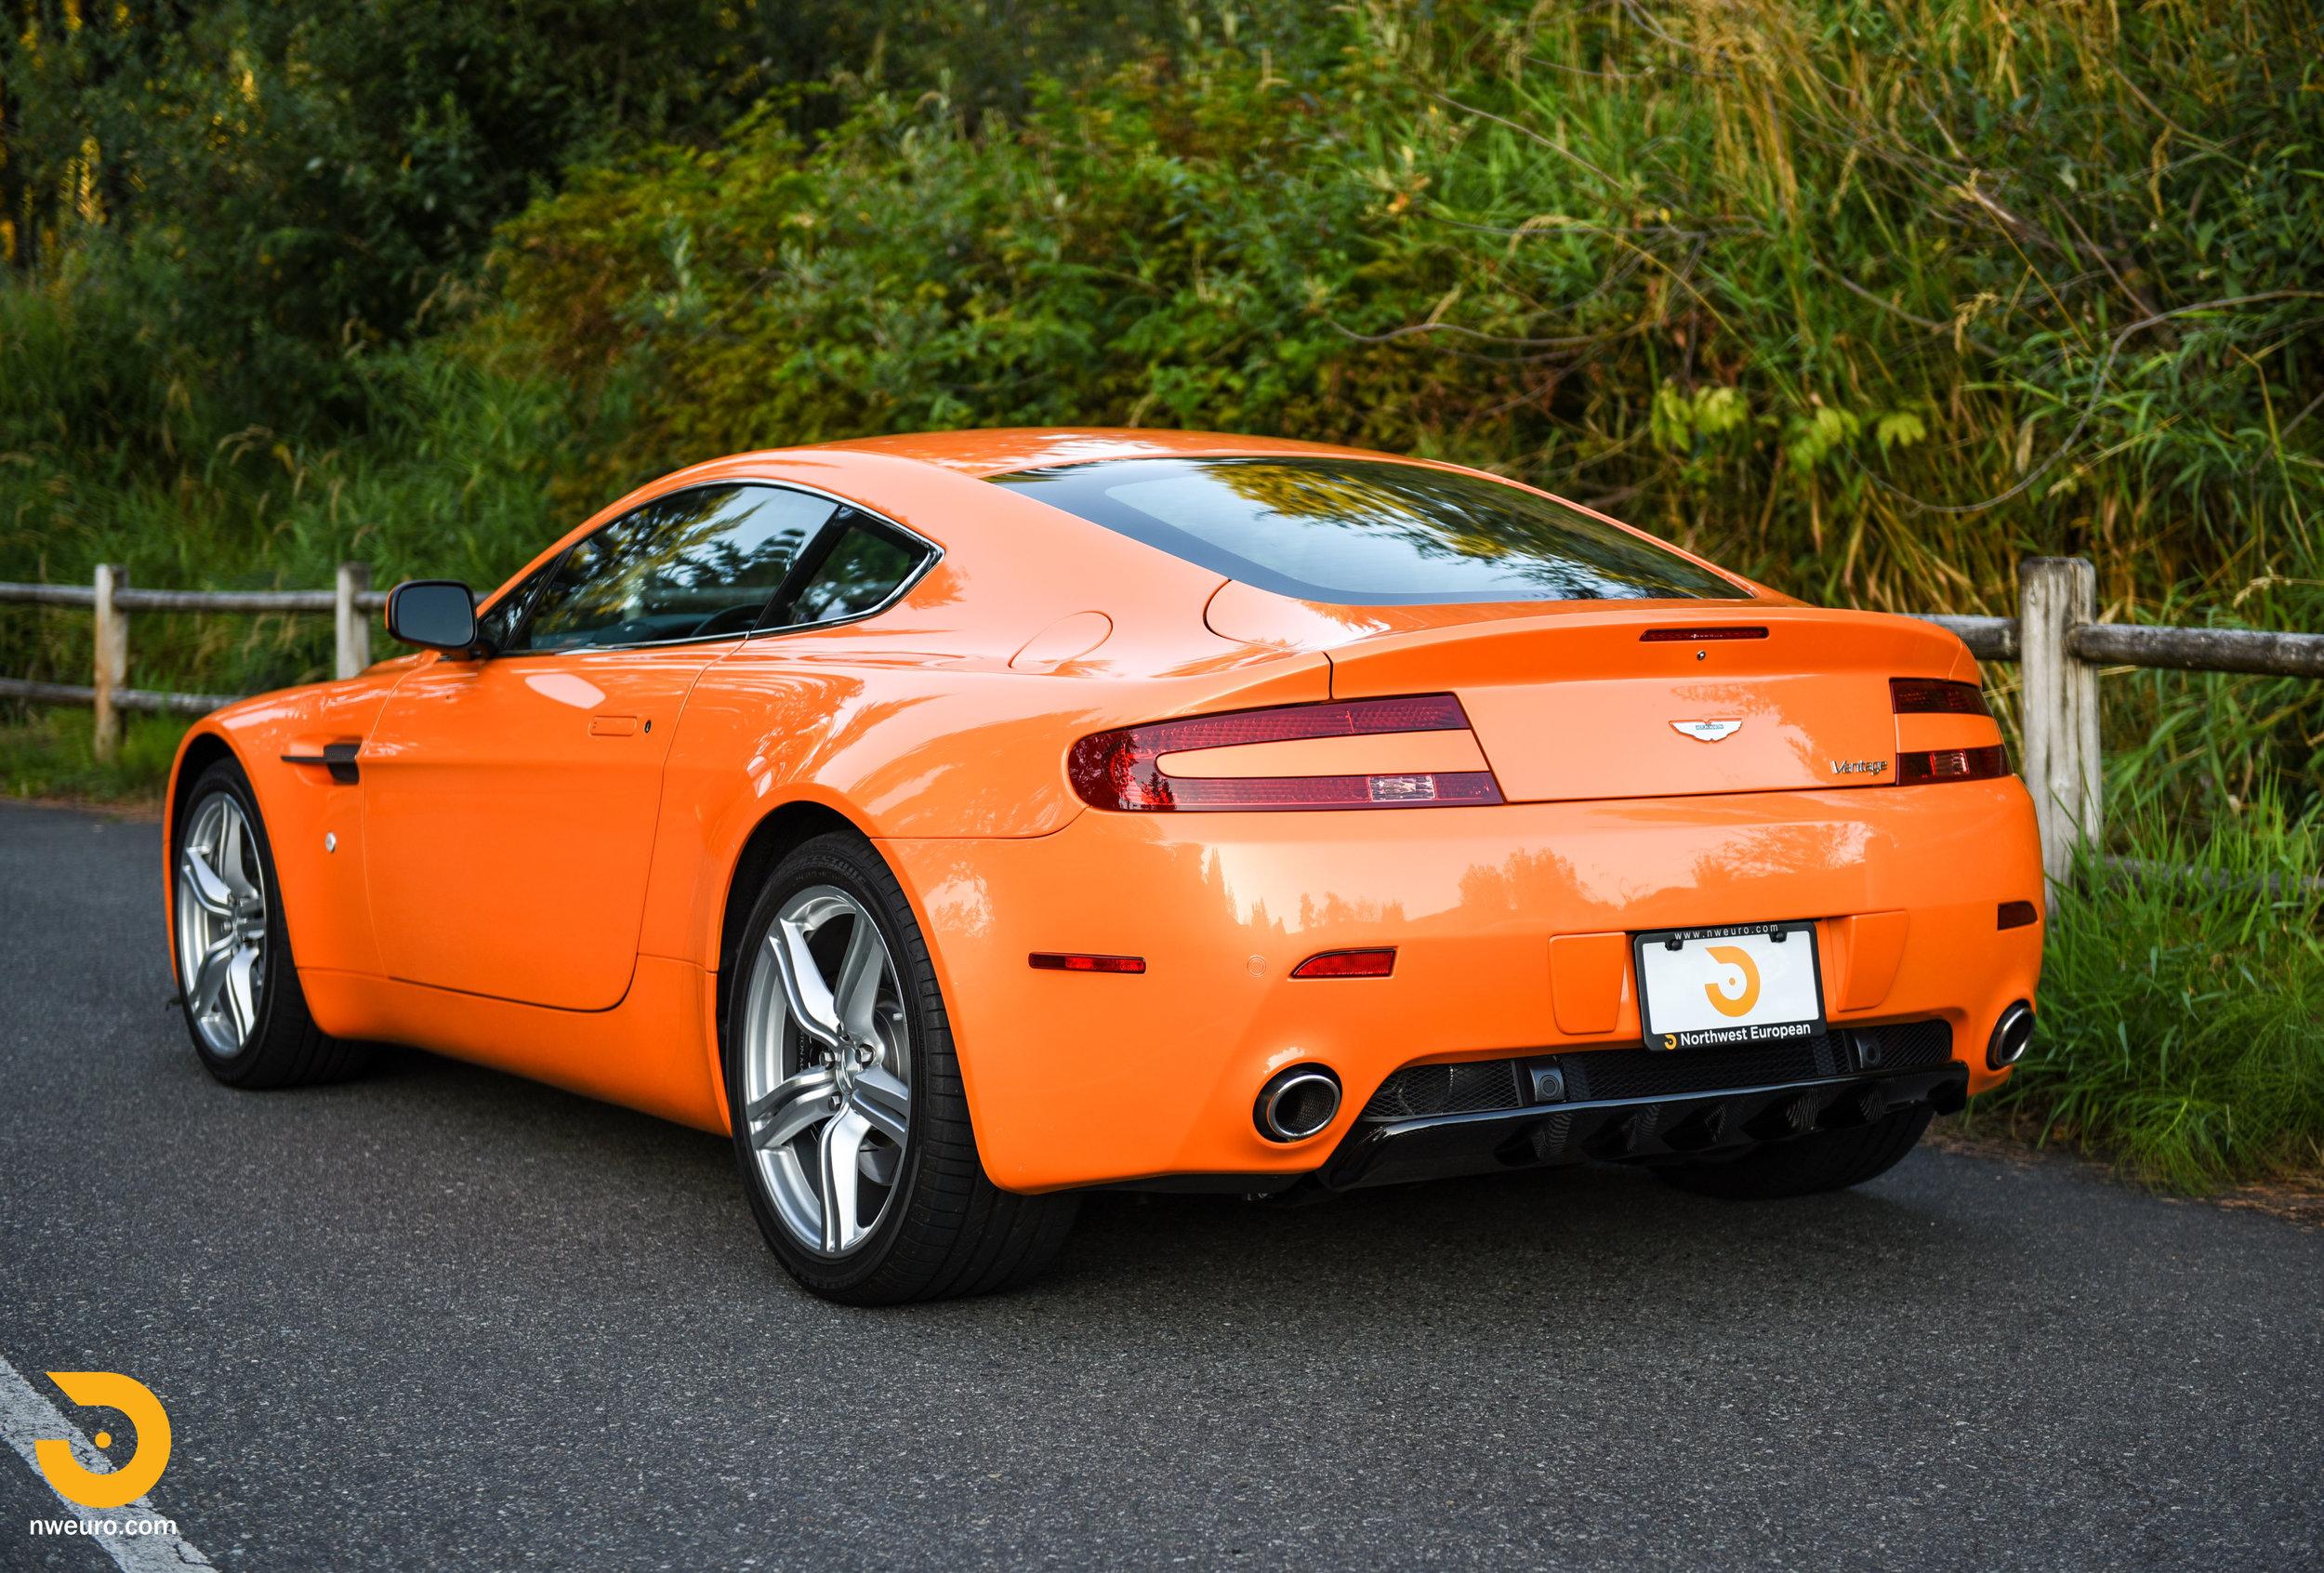 2009 Aston Martin V8 Vantage-44.jpg